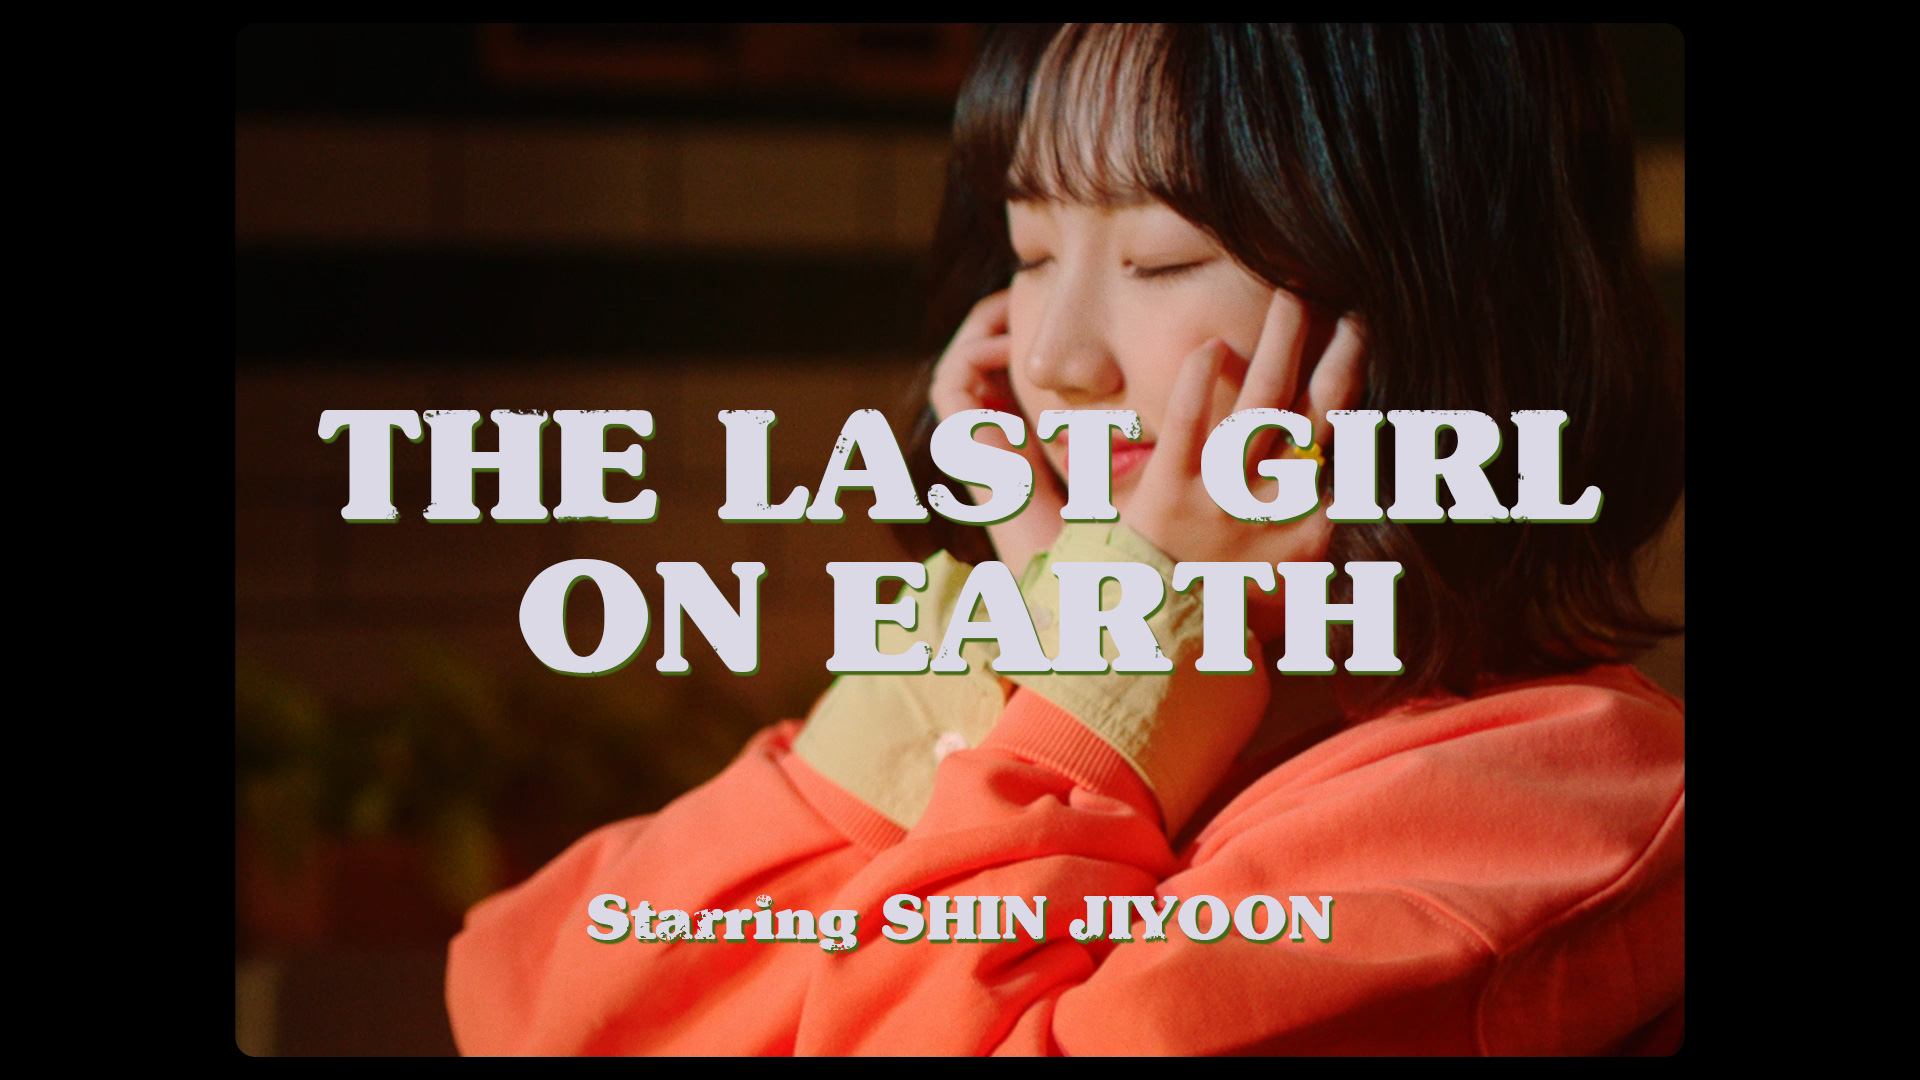 [The Weeekly Story] THE LAST GIRL ON EARTH  : SHIN JIYOON